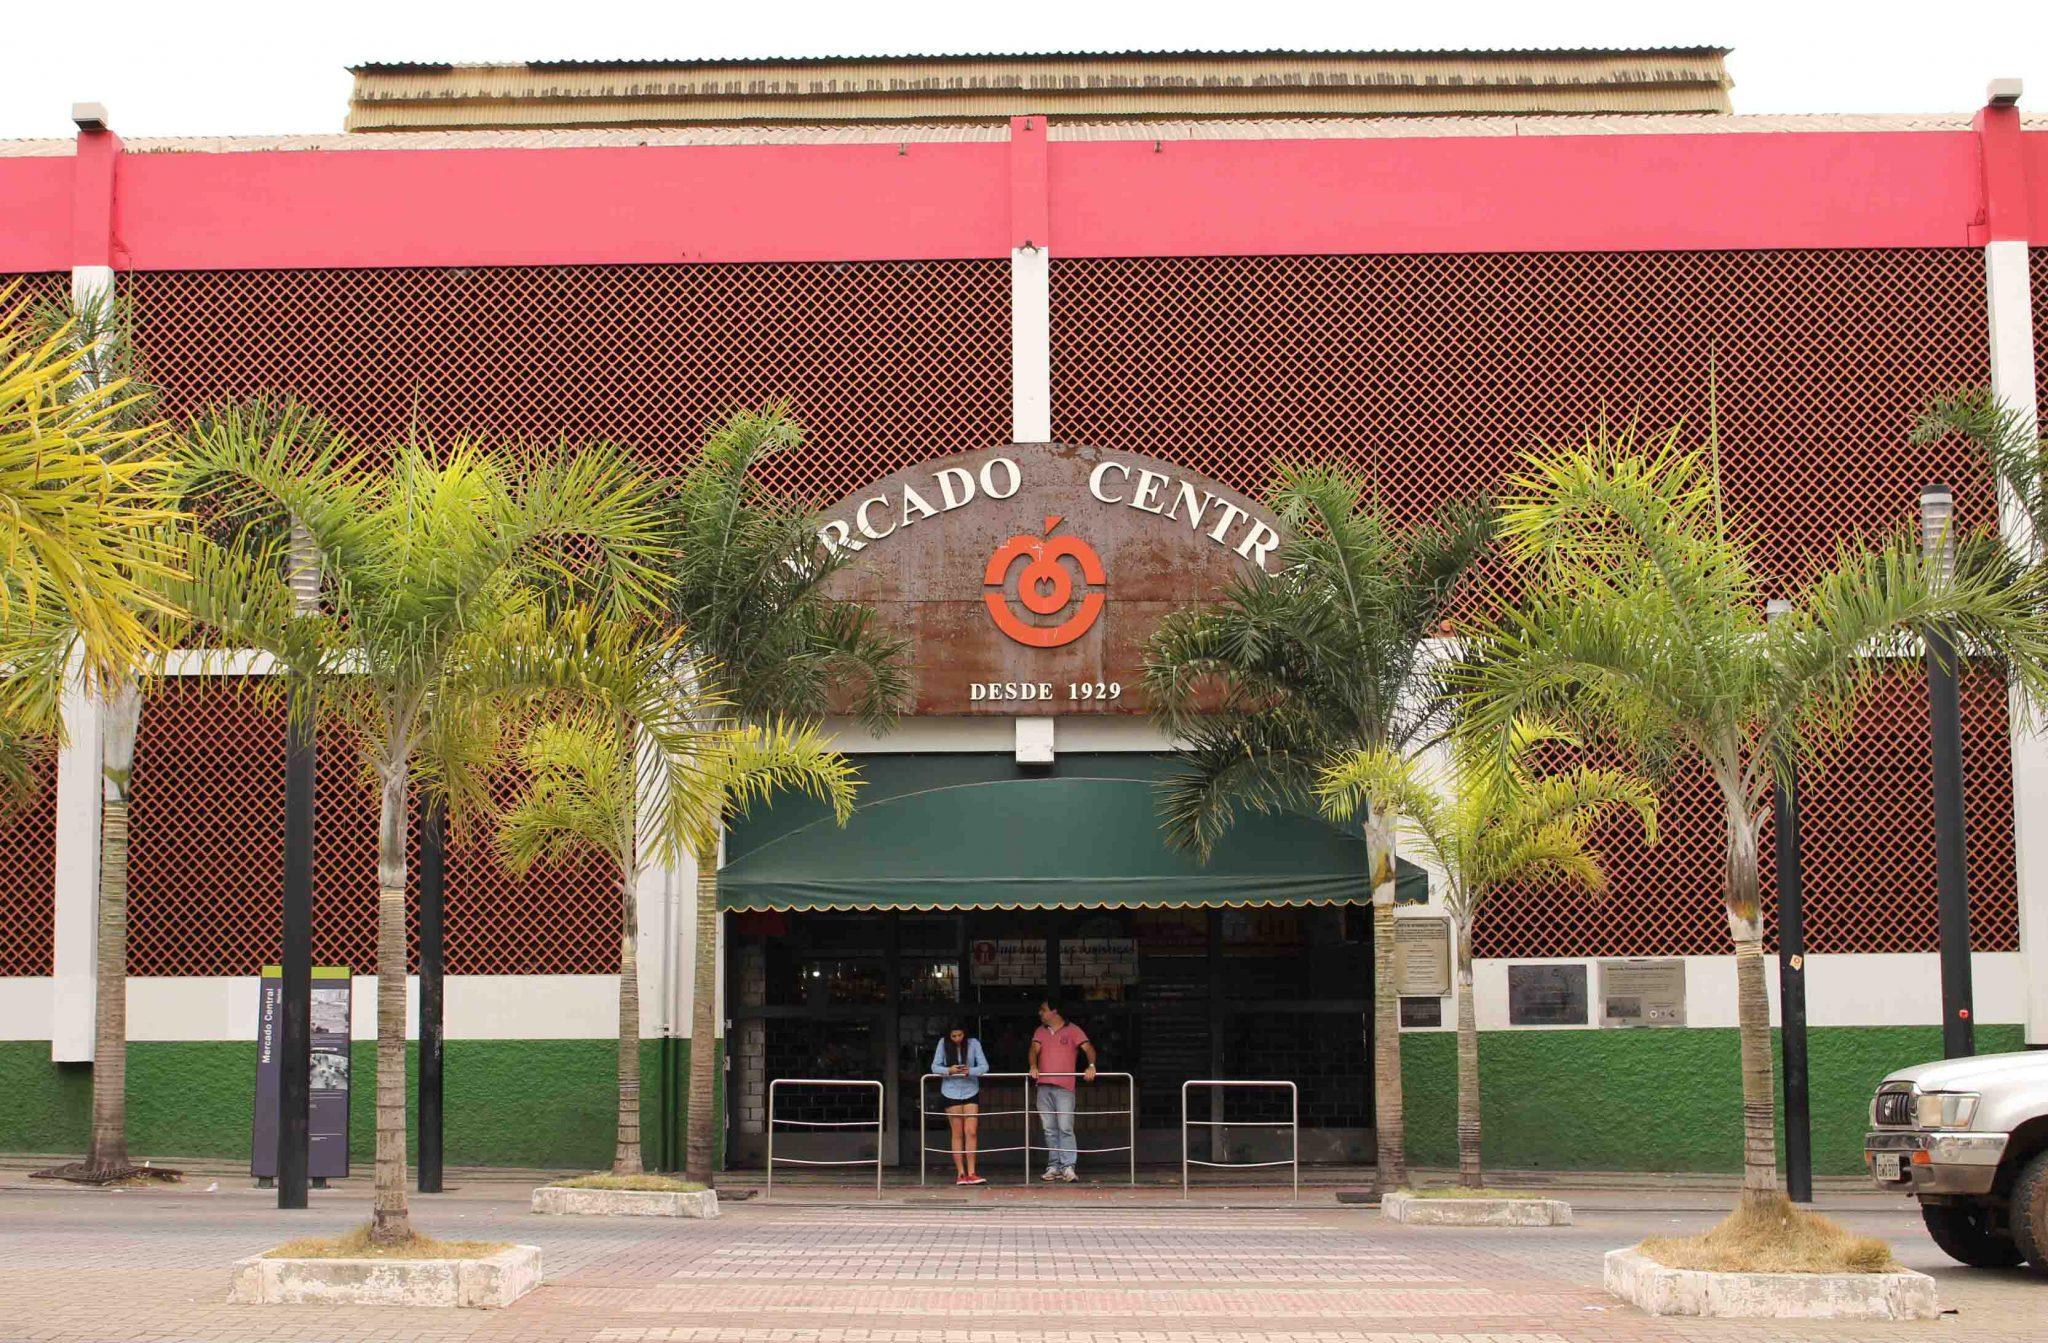 Fachada da entrada principal do Mercado Central, na Av. Augusto de Lima | Foto: Marden Couto / Turismo de Minas